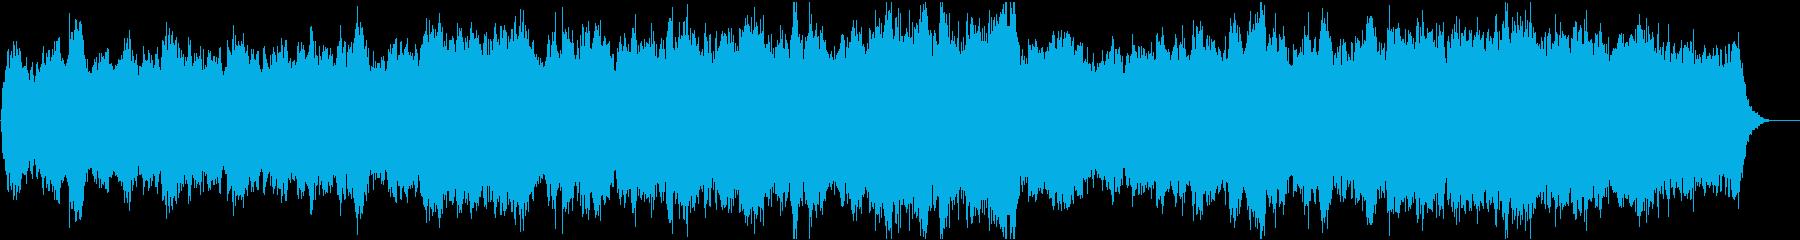 動画13 16bit48kHzVerの再生済みの波形